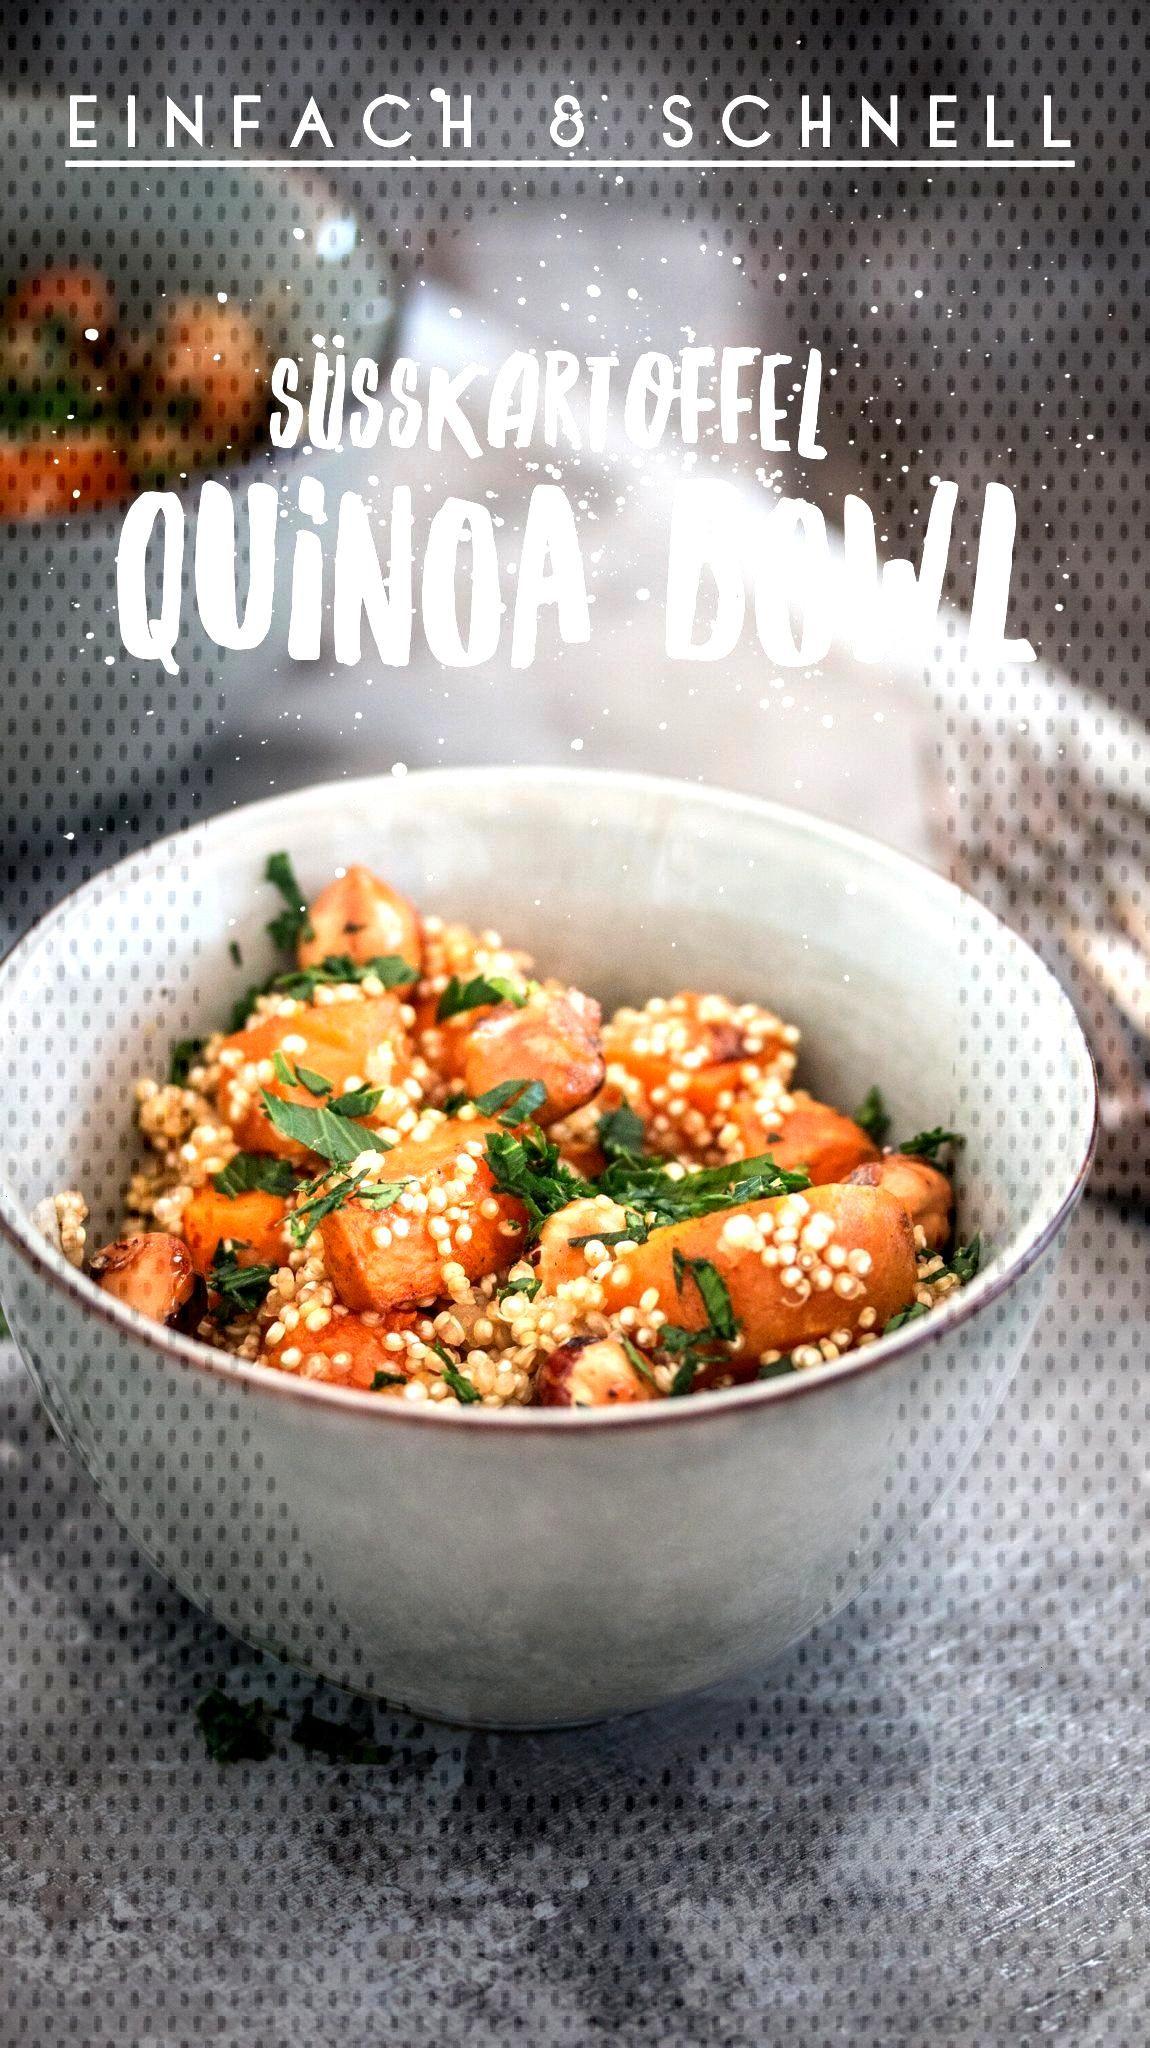 Süsskartoffel Quinoa Bowl. Gesund, schnell, einfach, vegetarisch und sogar vegan. Simples Rezept f